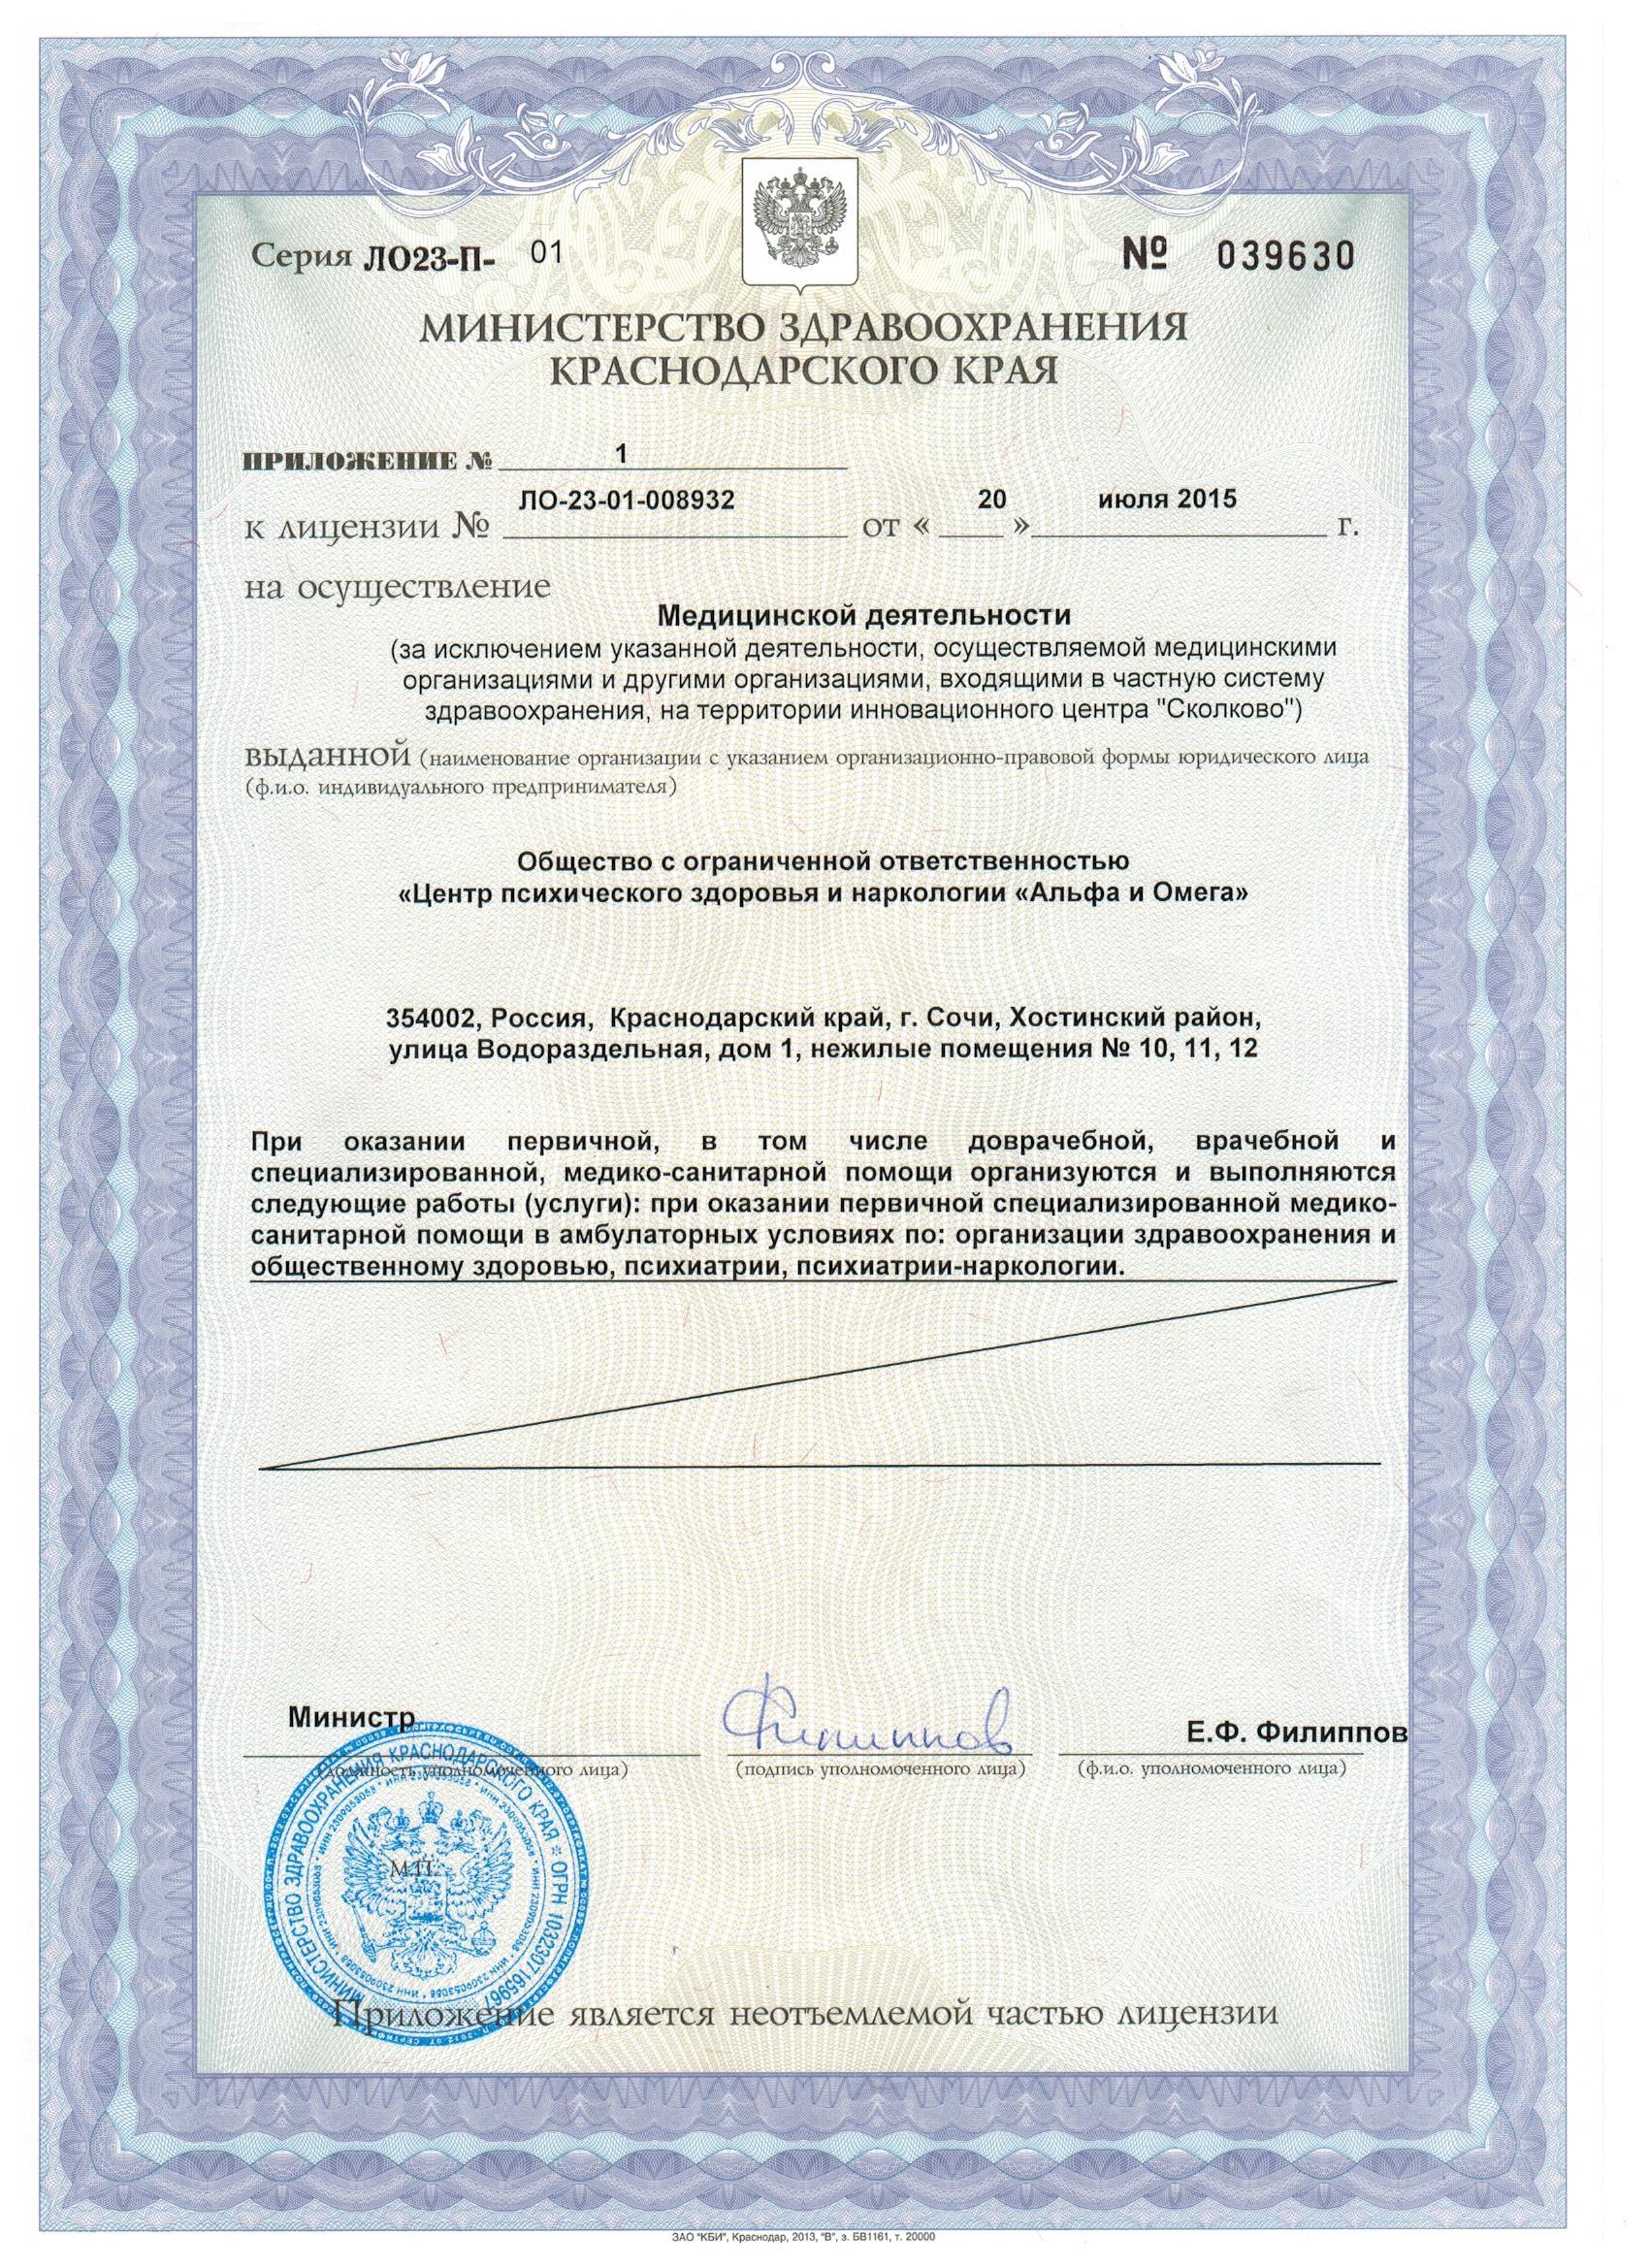 Приложение к лицензии на осуществление медицинской деятельности-фото